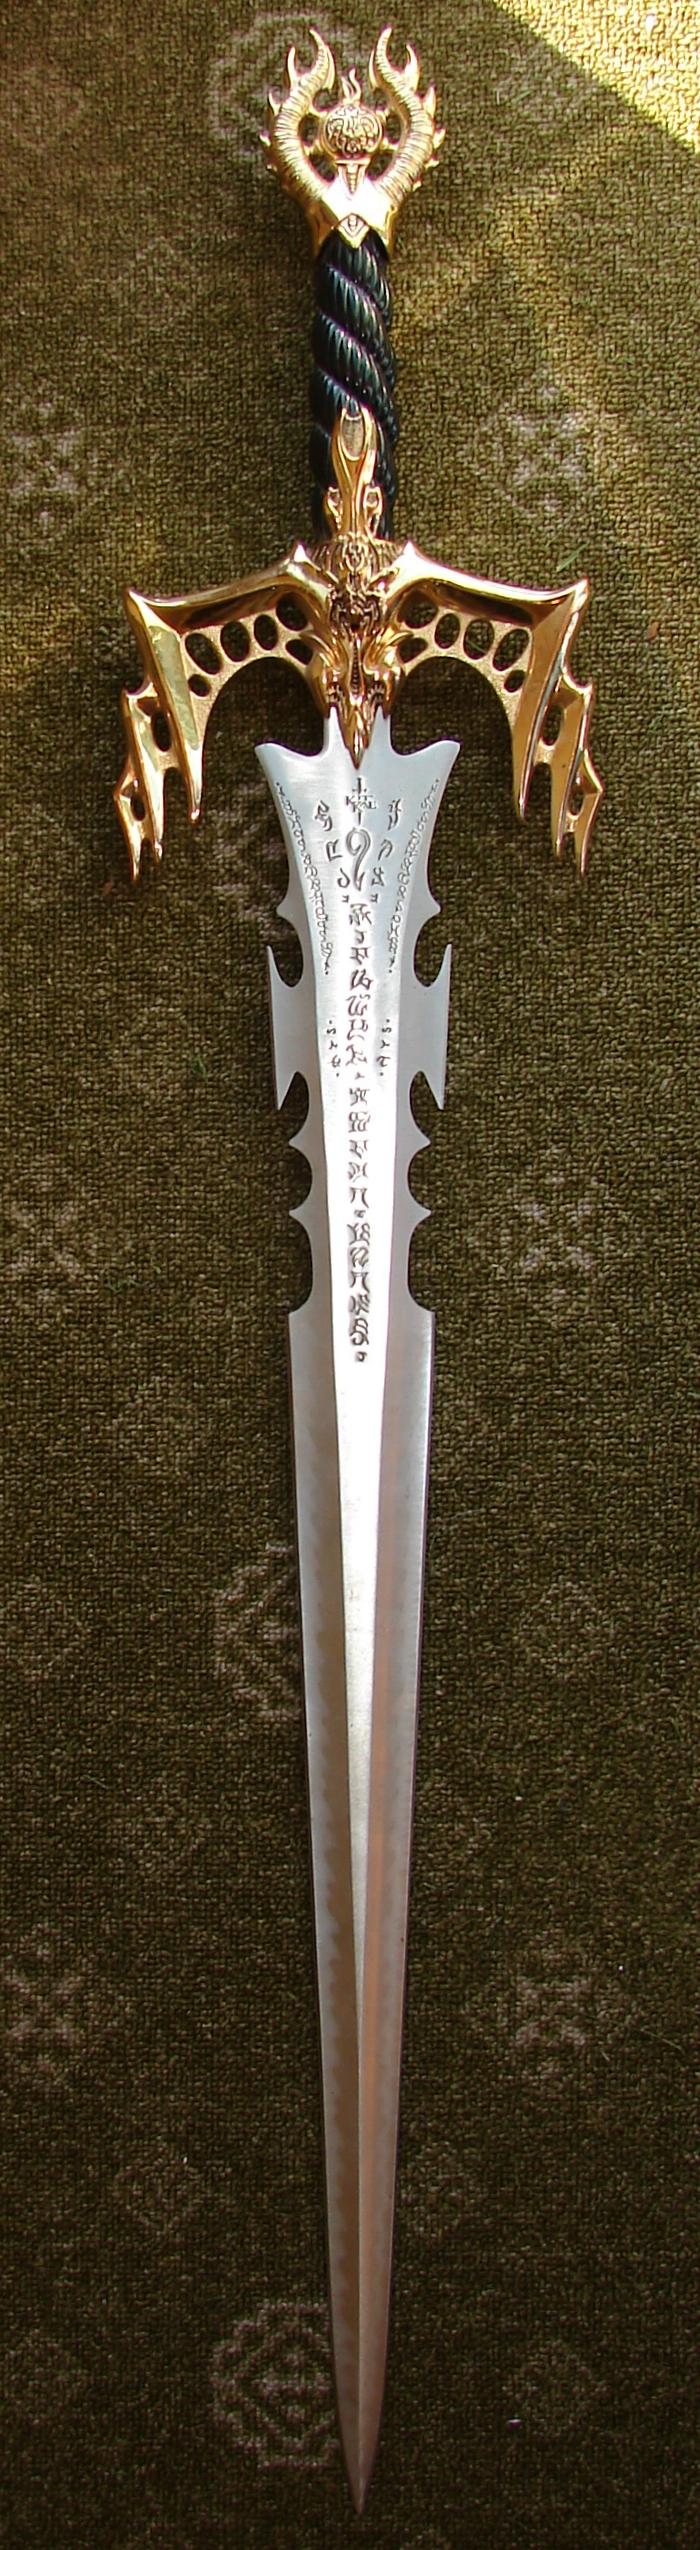 Golden Rune Sword by FantasyStock on DeviantArt